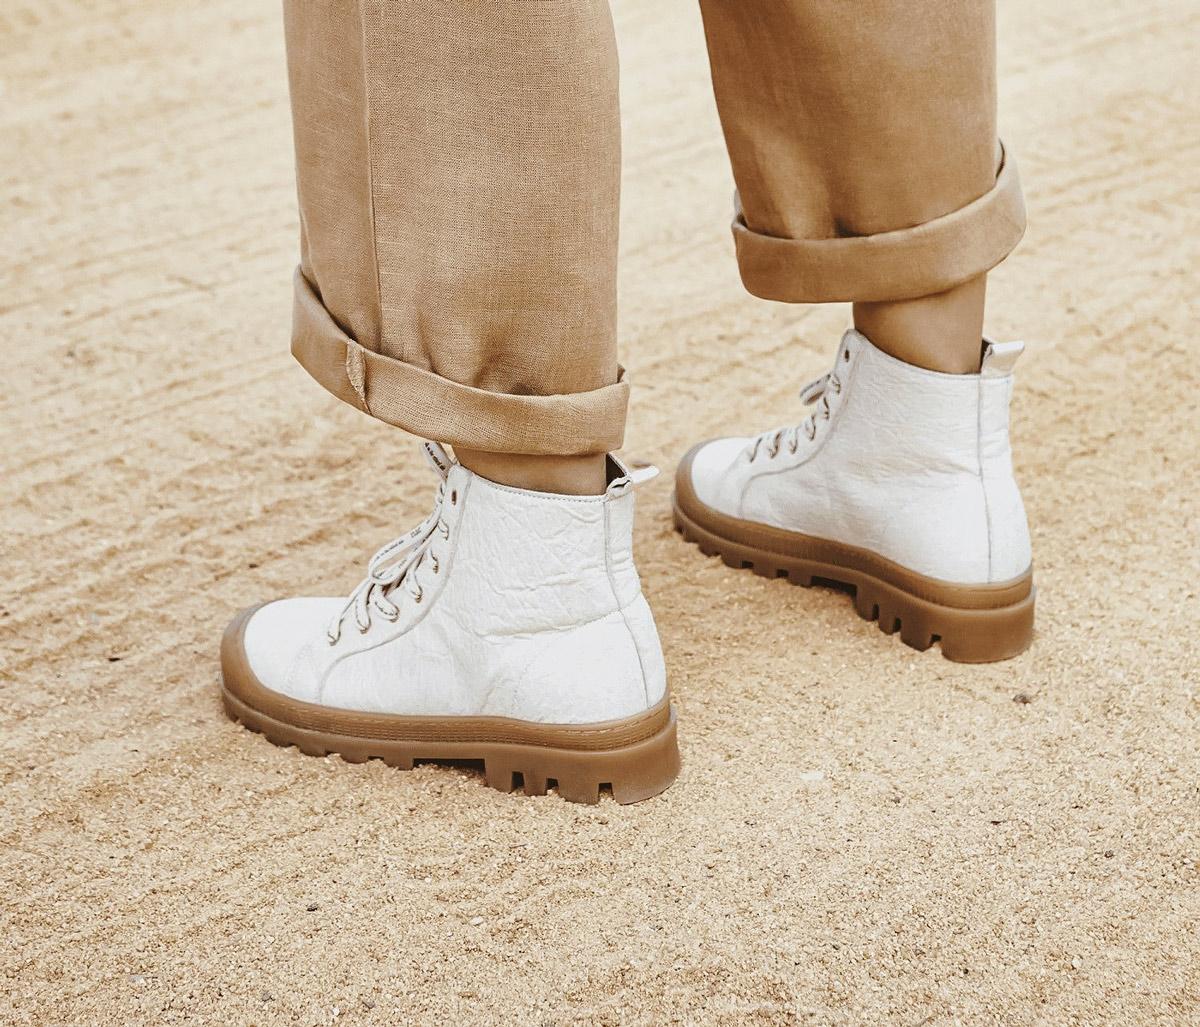 Noah Piñatex High-Top Vegan Sneaker Boots by NAE Vegan Shoes